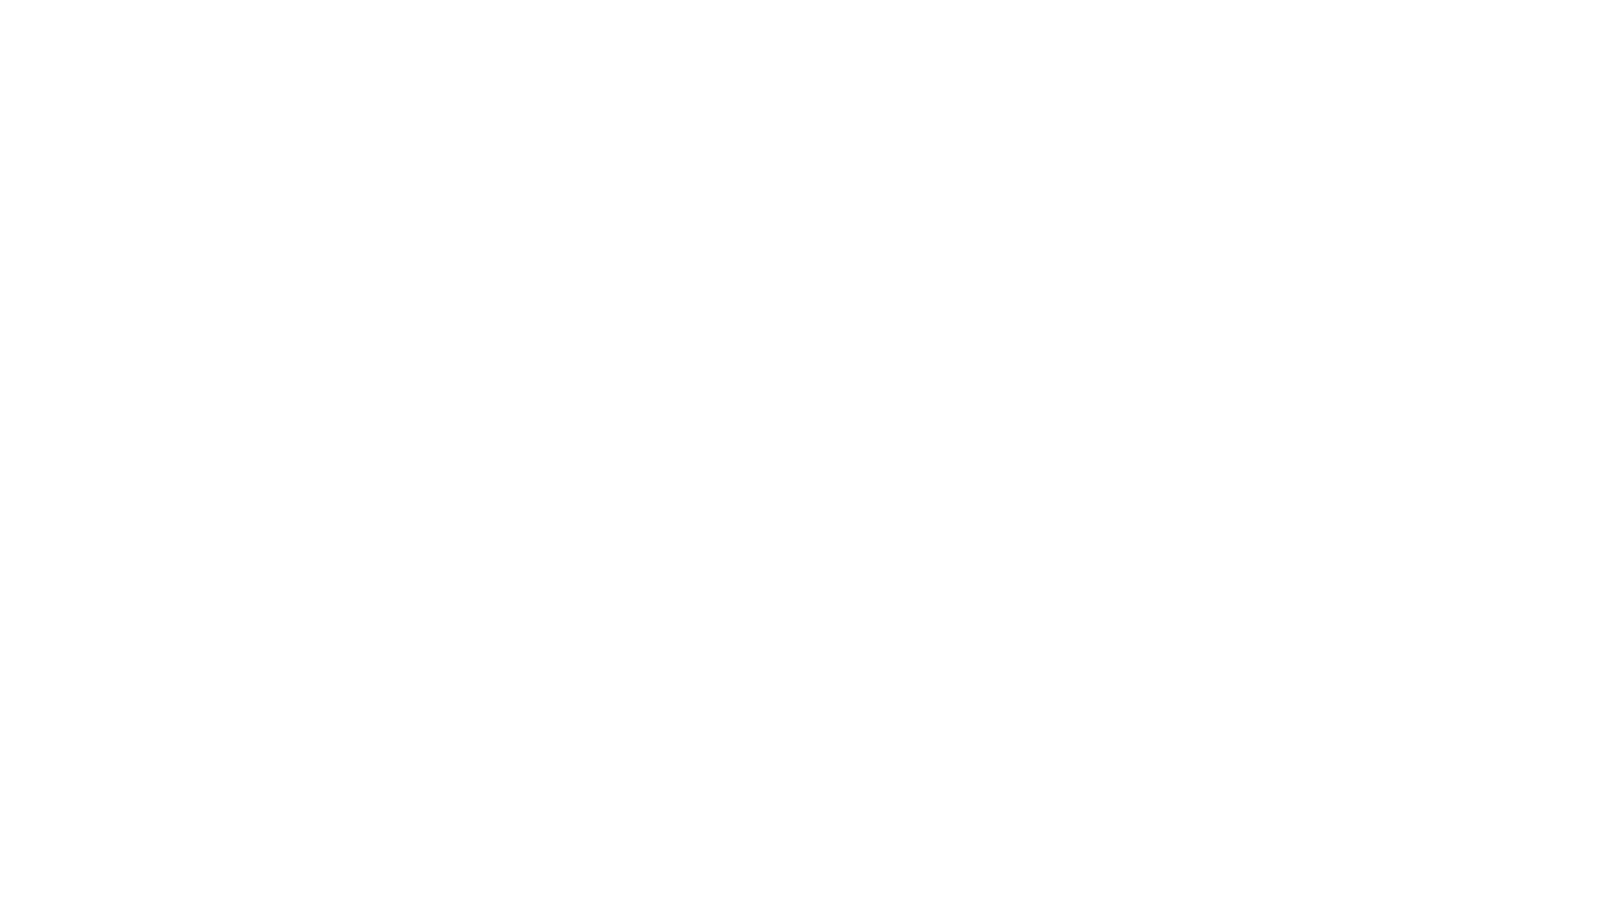 """Prodotto in Italia, bombardato in Yemen.  """"C'è giustizia in questo mondo?"""". Tutta la storia martedì 27 ottobre 2020 alle ore 11.00 durante il webinar """"Esportazione di armi italiane in Yemen: responsabilità dello Stato e delle Aziende produttrici di armi"""".  https://www.facebook.com/RetePaceDisarmo/posts/10158679756299709"""